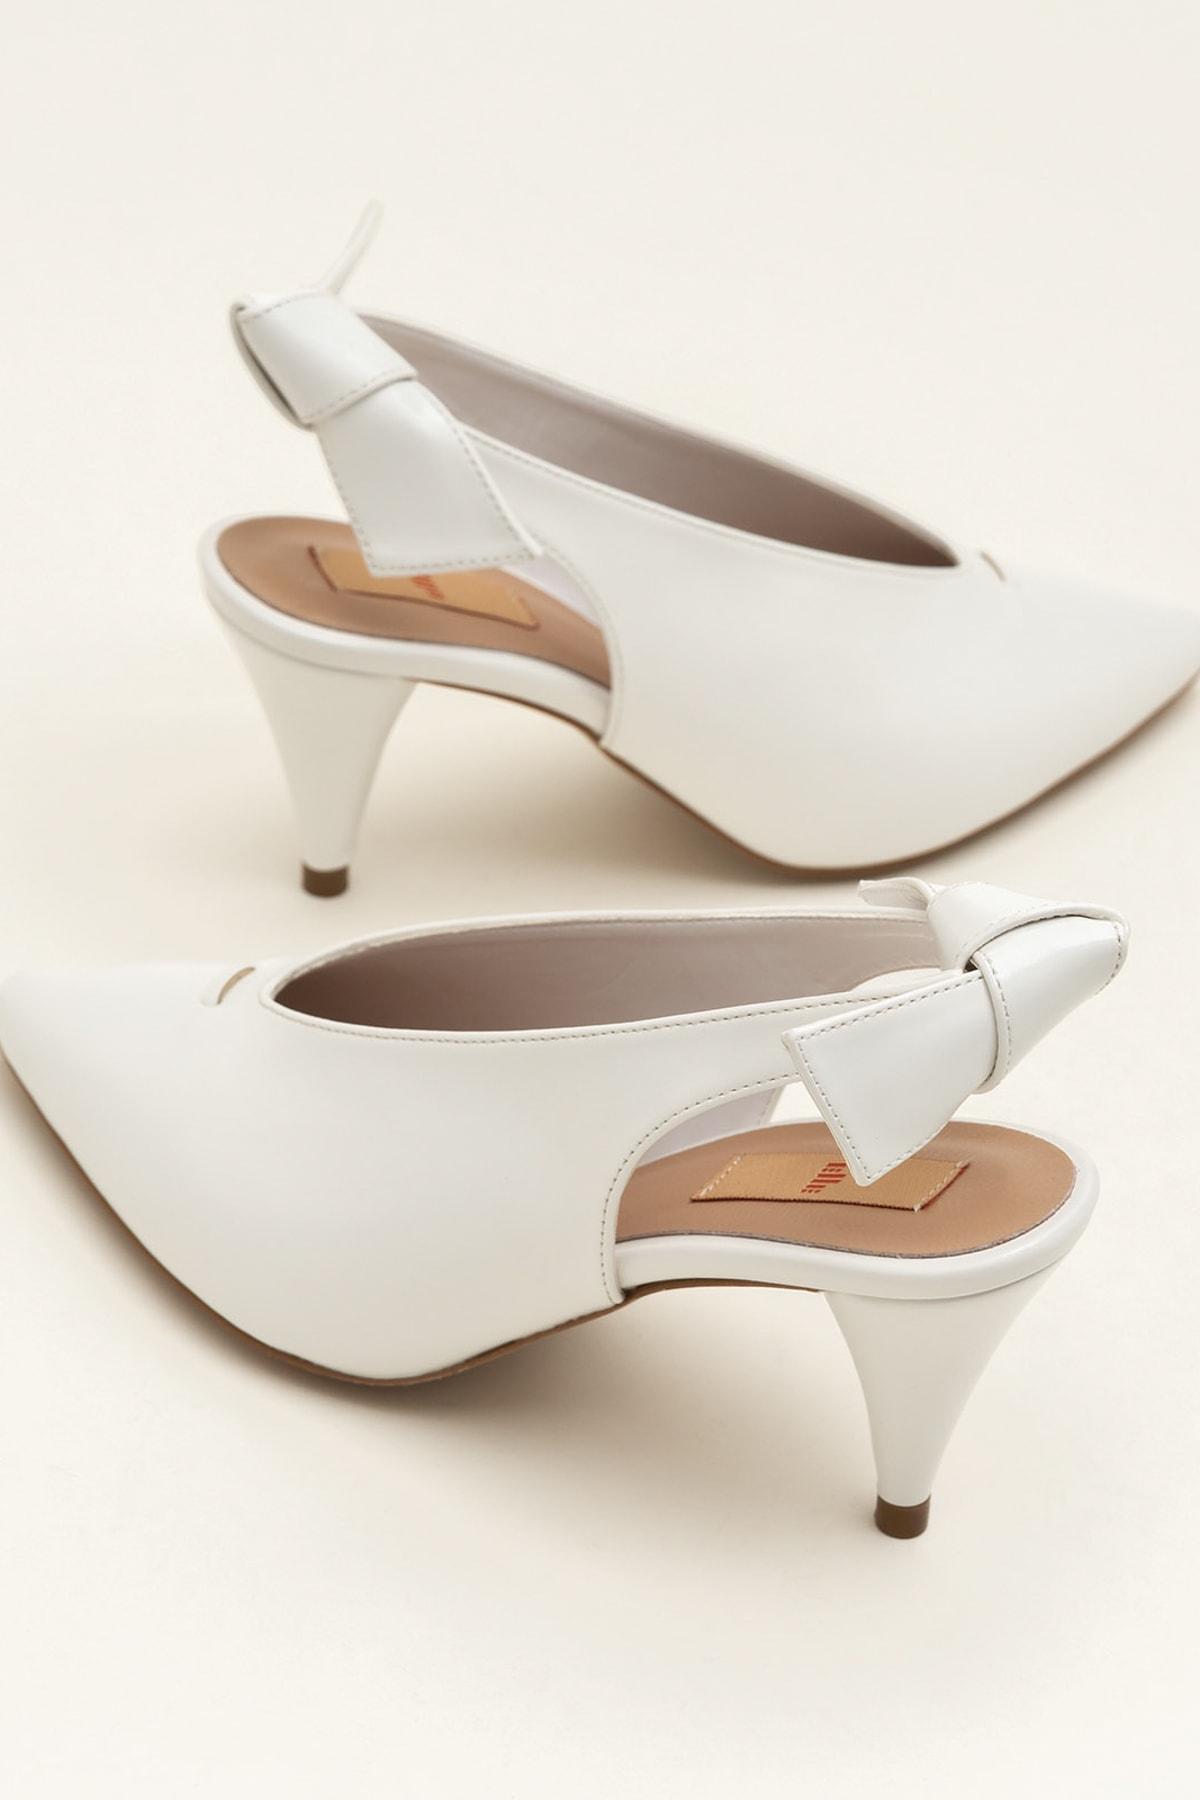 Elle Shoes NELIDA-1 Beyaz Kadın Ayakkabı 1